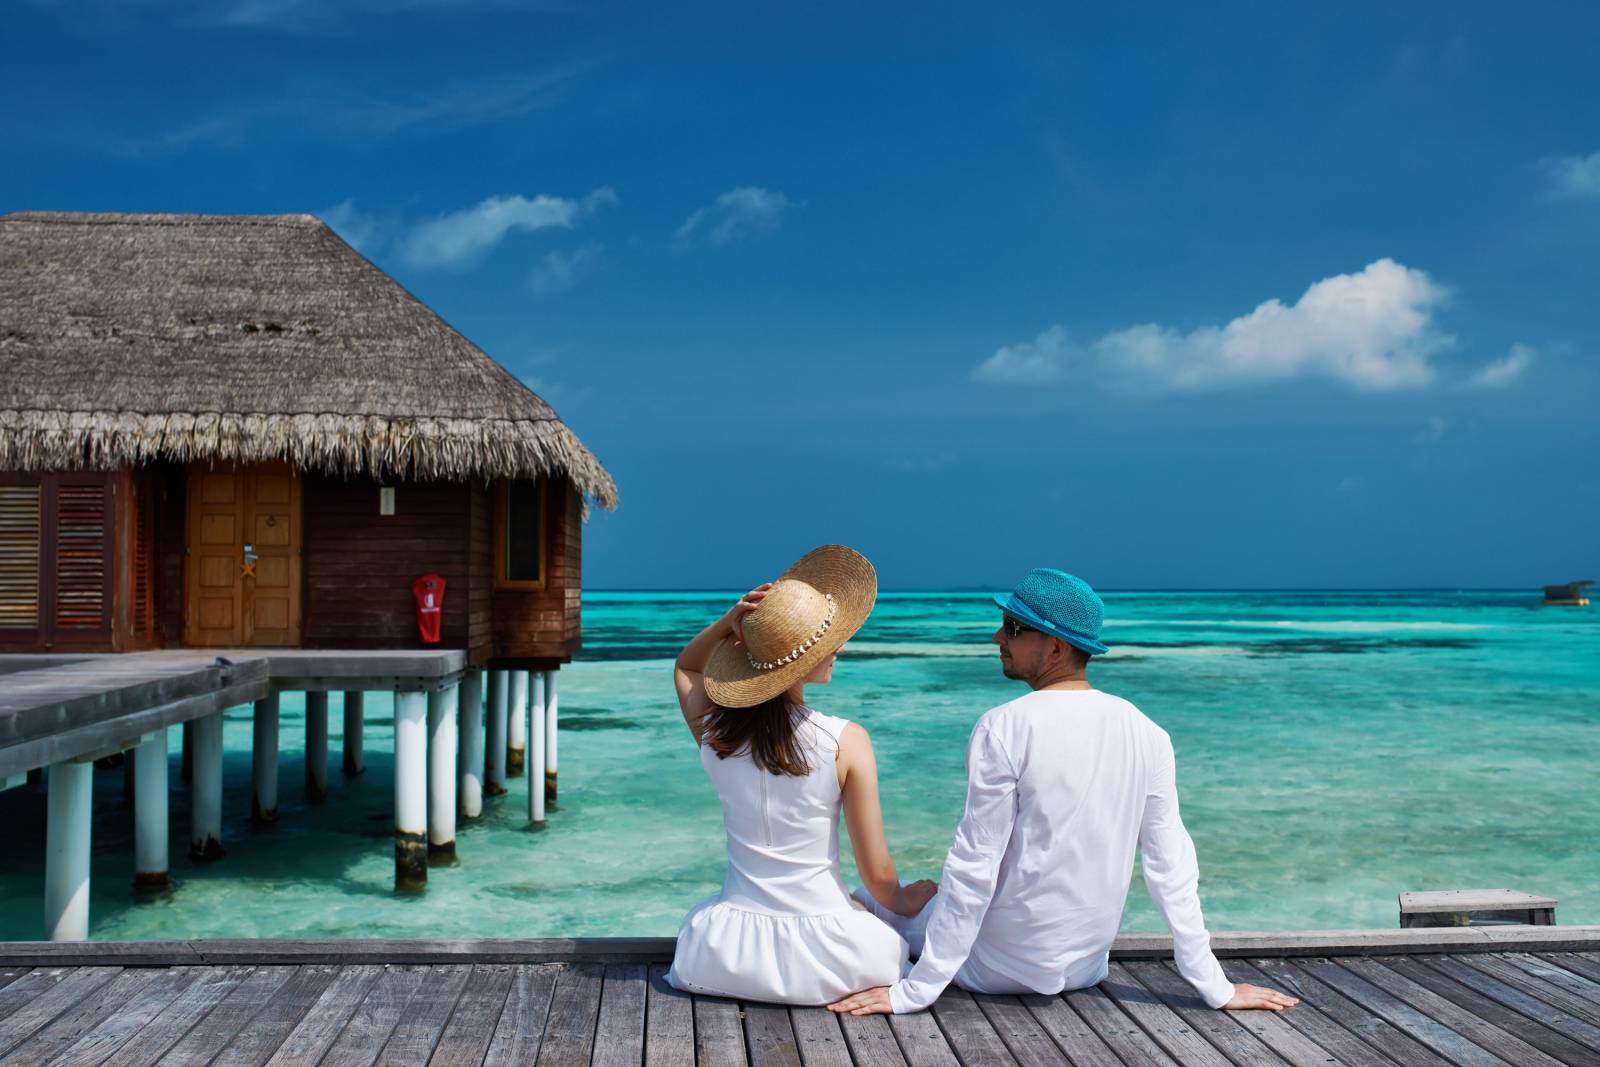 World of Travel - Huwelijksreis - Honeymoon - House of Weddings - 32